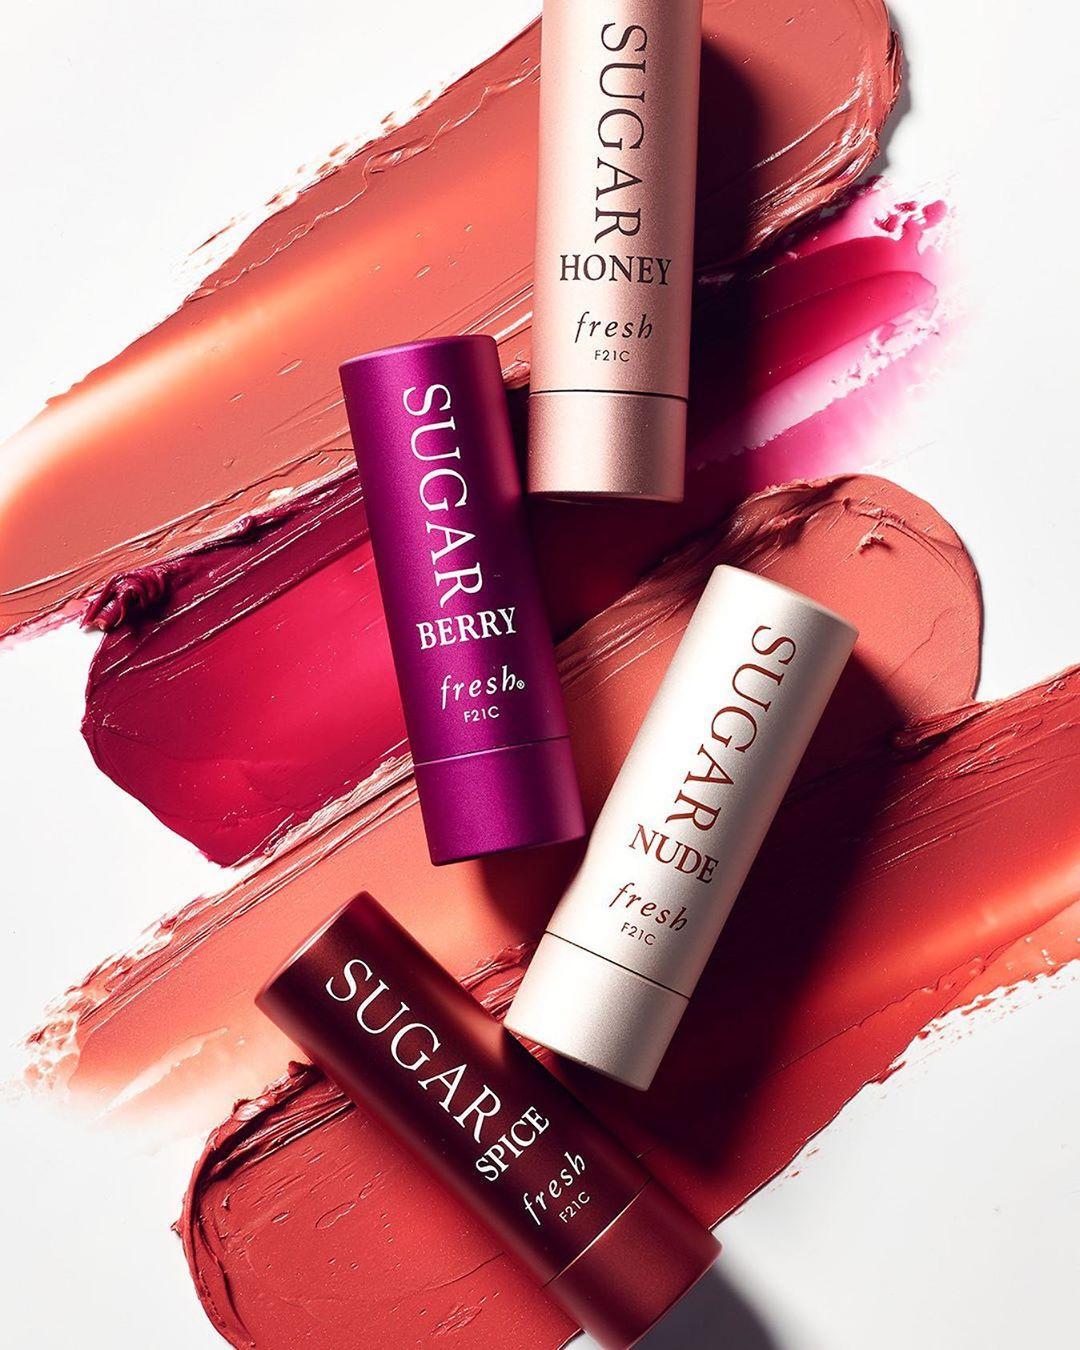 Fresh Sugar Tinted Lip Treatment - thỏi son dưỡng được lòng hội bạn gái những ngày này - Hình 1